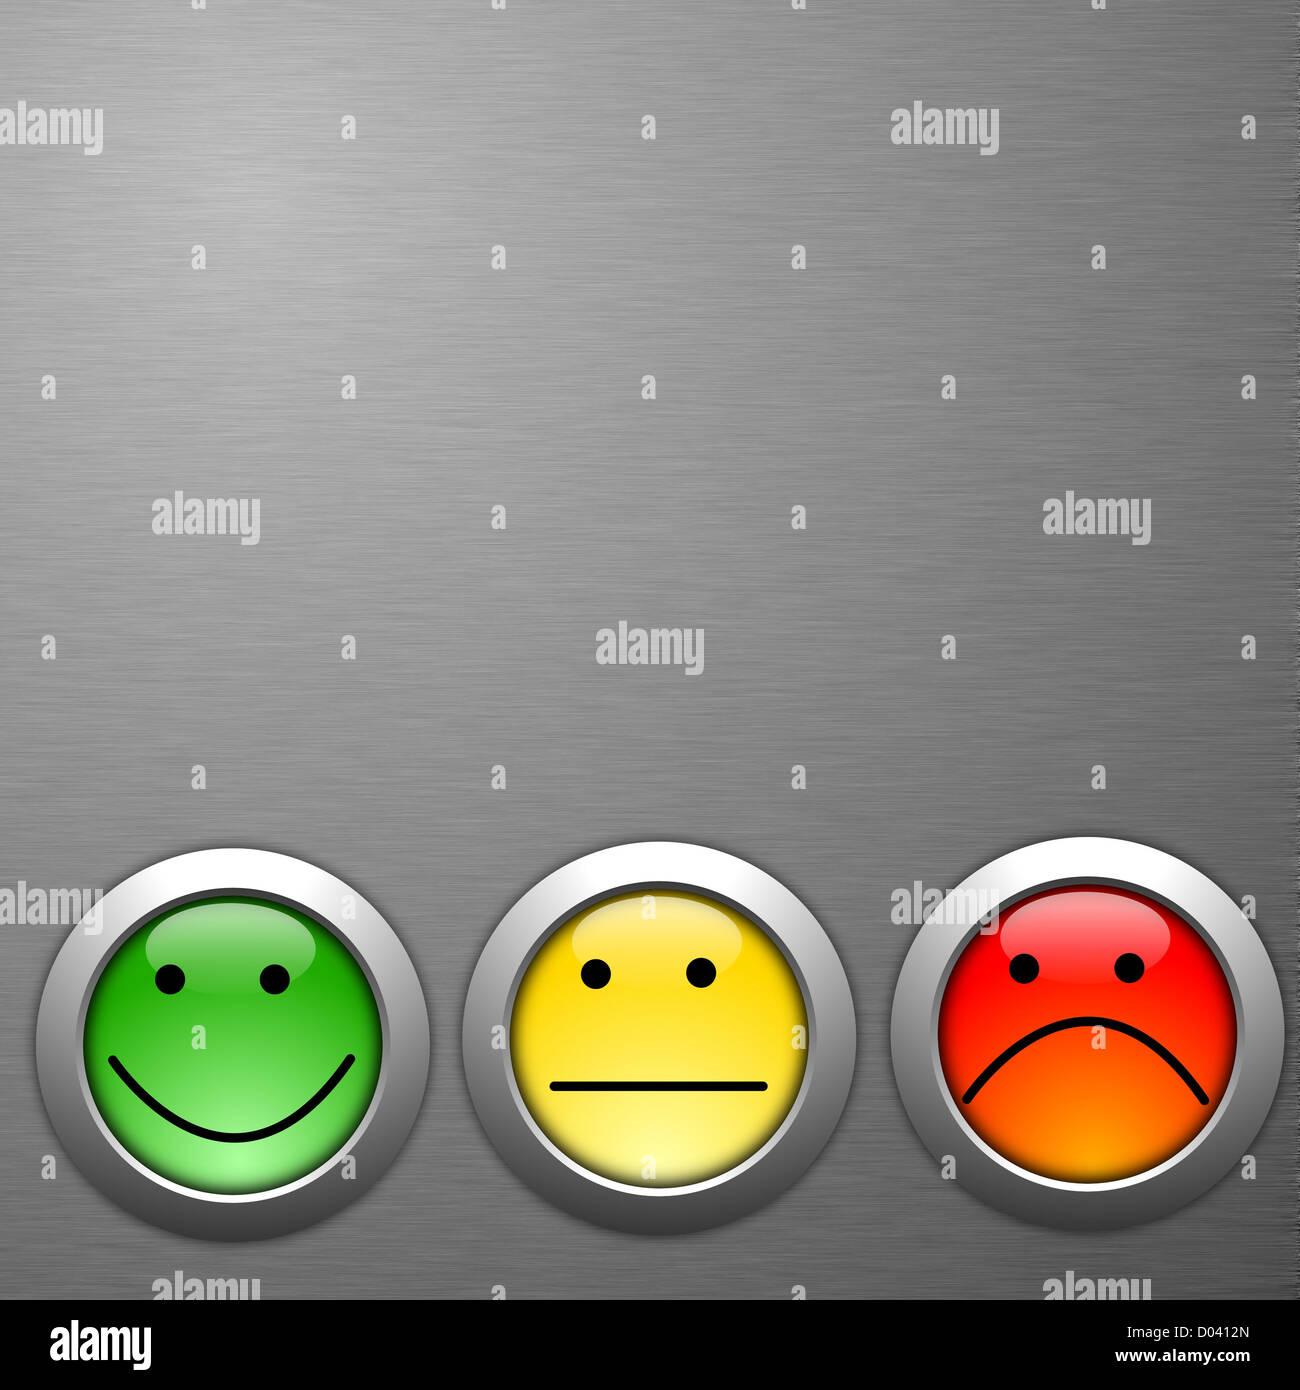 Kundenzufriedenheit Befragung Konzept mit Smilie und Knopf Stockbild